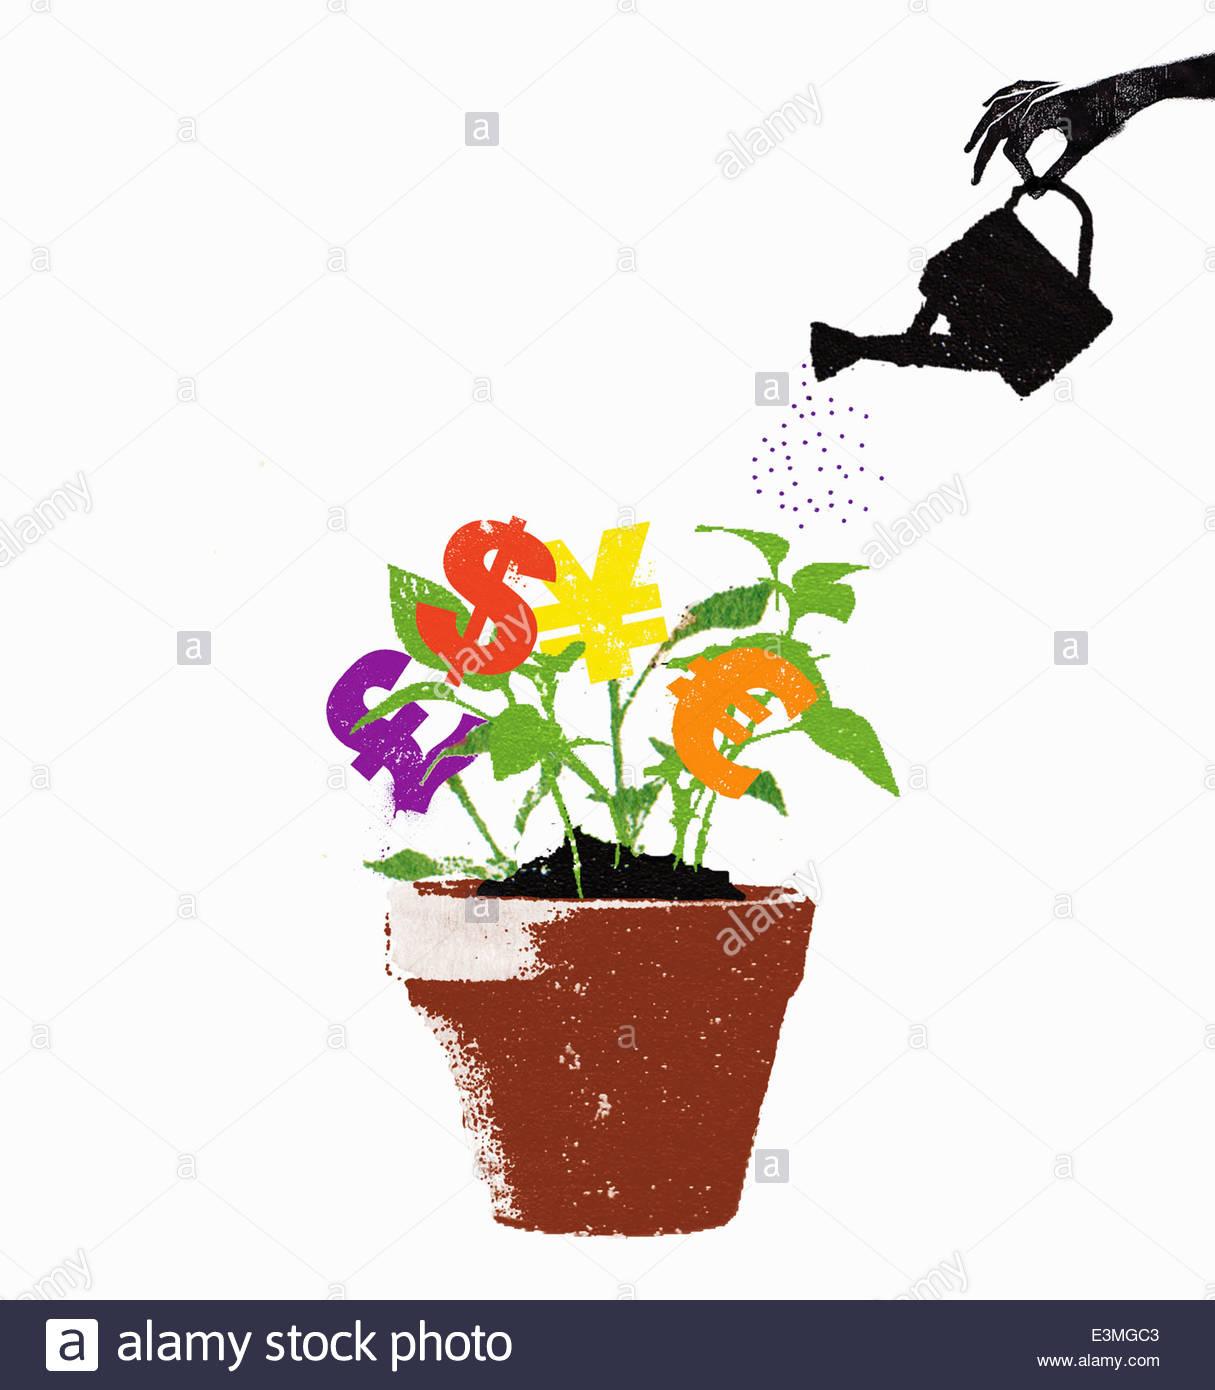 Impianti di irrigazione a mano international simboli di valuta crescente di piante in vaso Immagini Stock